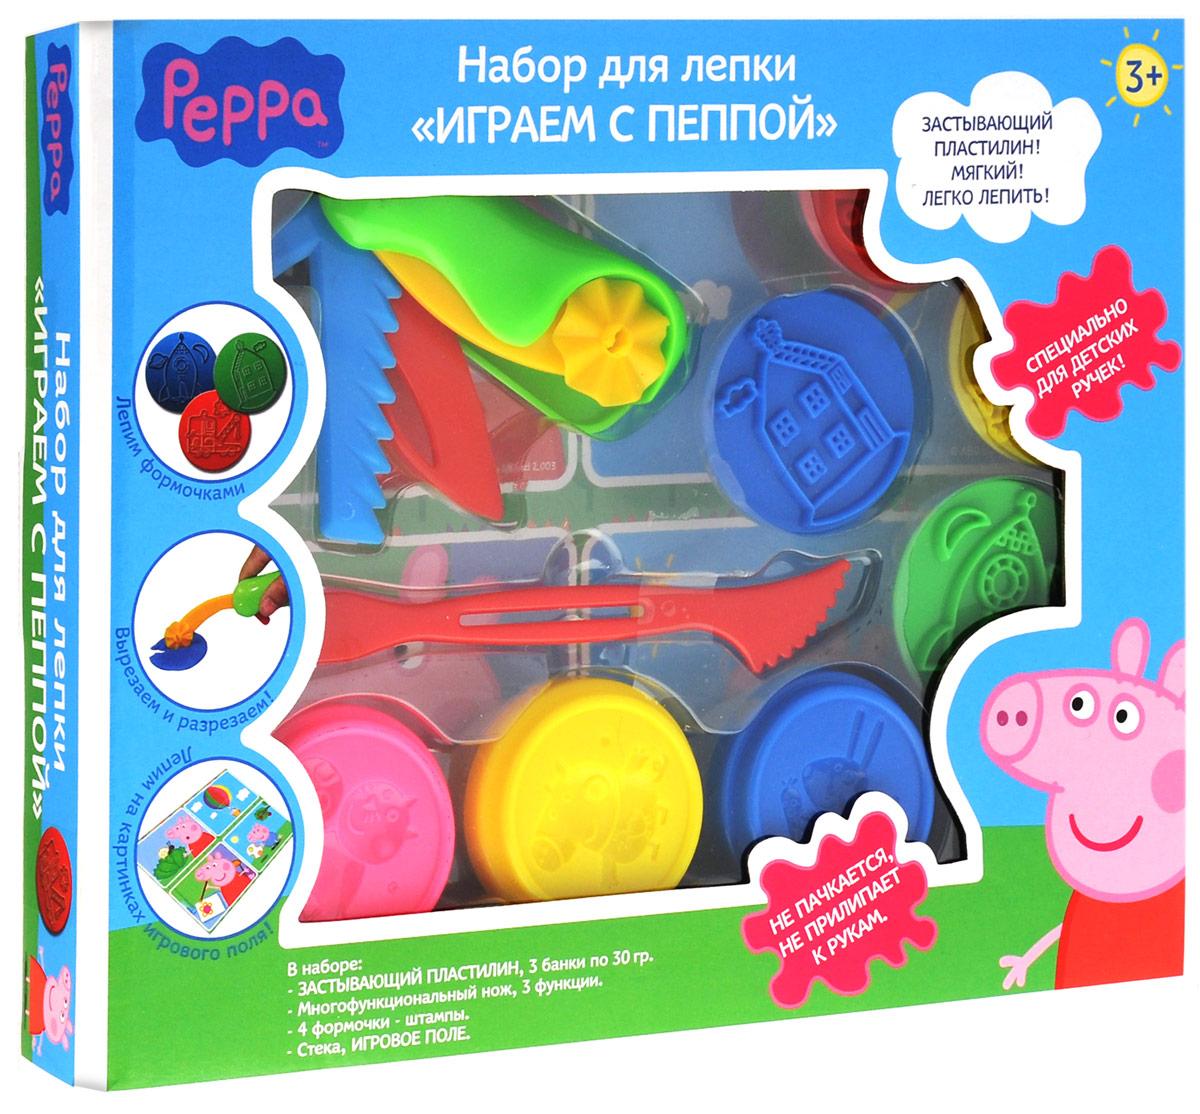 Peppa Pig Набор для лепки Играем с Пеппой28552Набор для лепки Peppa Pig Играем с Пеппой поможет окунуться в мир увлекательных пластилиновых приключений! В наборе 10 предметов: 3 баночки застывающего пластилина по 30 г с крышками в виде формочек героев мультфильма, раскладной пластиковый нож - 3 функции, 4 формочки-штампика, игровое поле, стек. Штампиками печатаем забавные фигурки, складным ножиком разрезаем пластилиновые блинчики и получаем фигурные полосочки и кружочки. По инструкции лепим разноцветные кружочки. А теперь переходим к игровому полю и выполняем увлекательные задания по лепке. Смешиваем цвета и получаем новые оттенки. Фантазируем, воплощаем в жизнь свежие идеи, тренируем пальчики, развиваем воображение и просто весело играем с любимыми героями. Мягкий застывающий пластилин создан специально для детских пальчиков: он пластичен, не пачкается, не прилипает к рукам. На коробочке имеется инструкция по лепке. Цвета пластилина: синий, желтый, розовый.